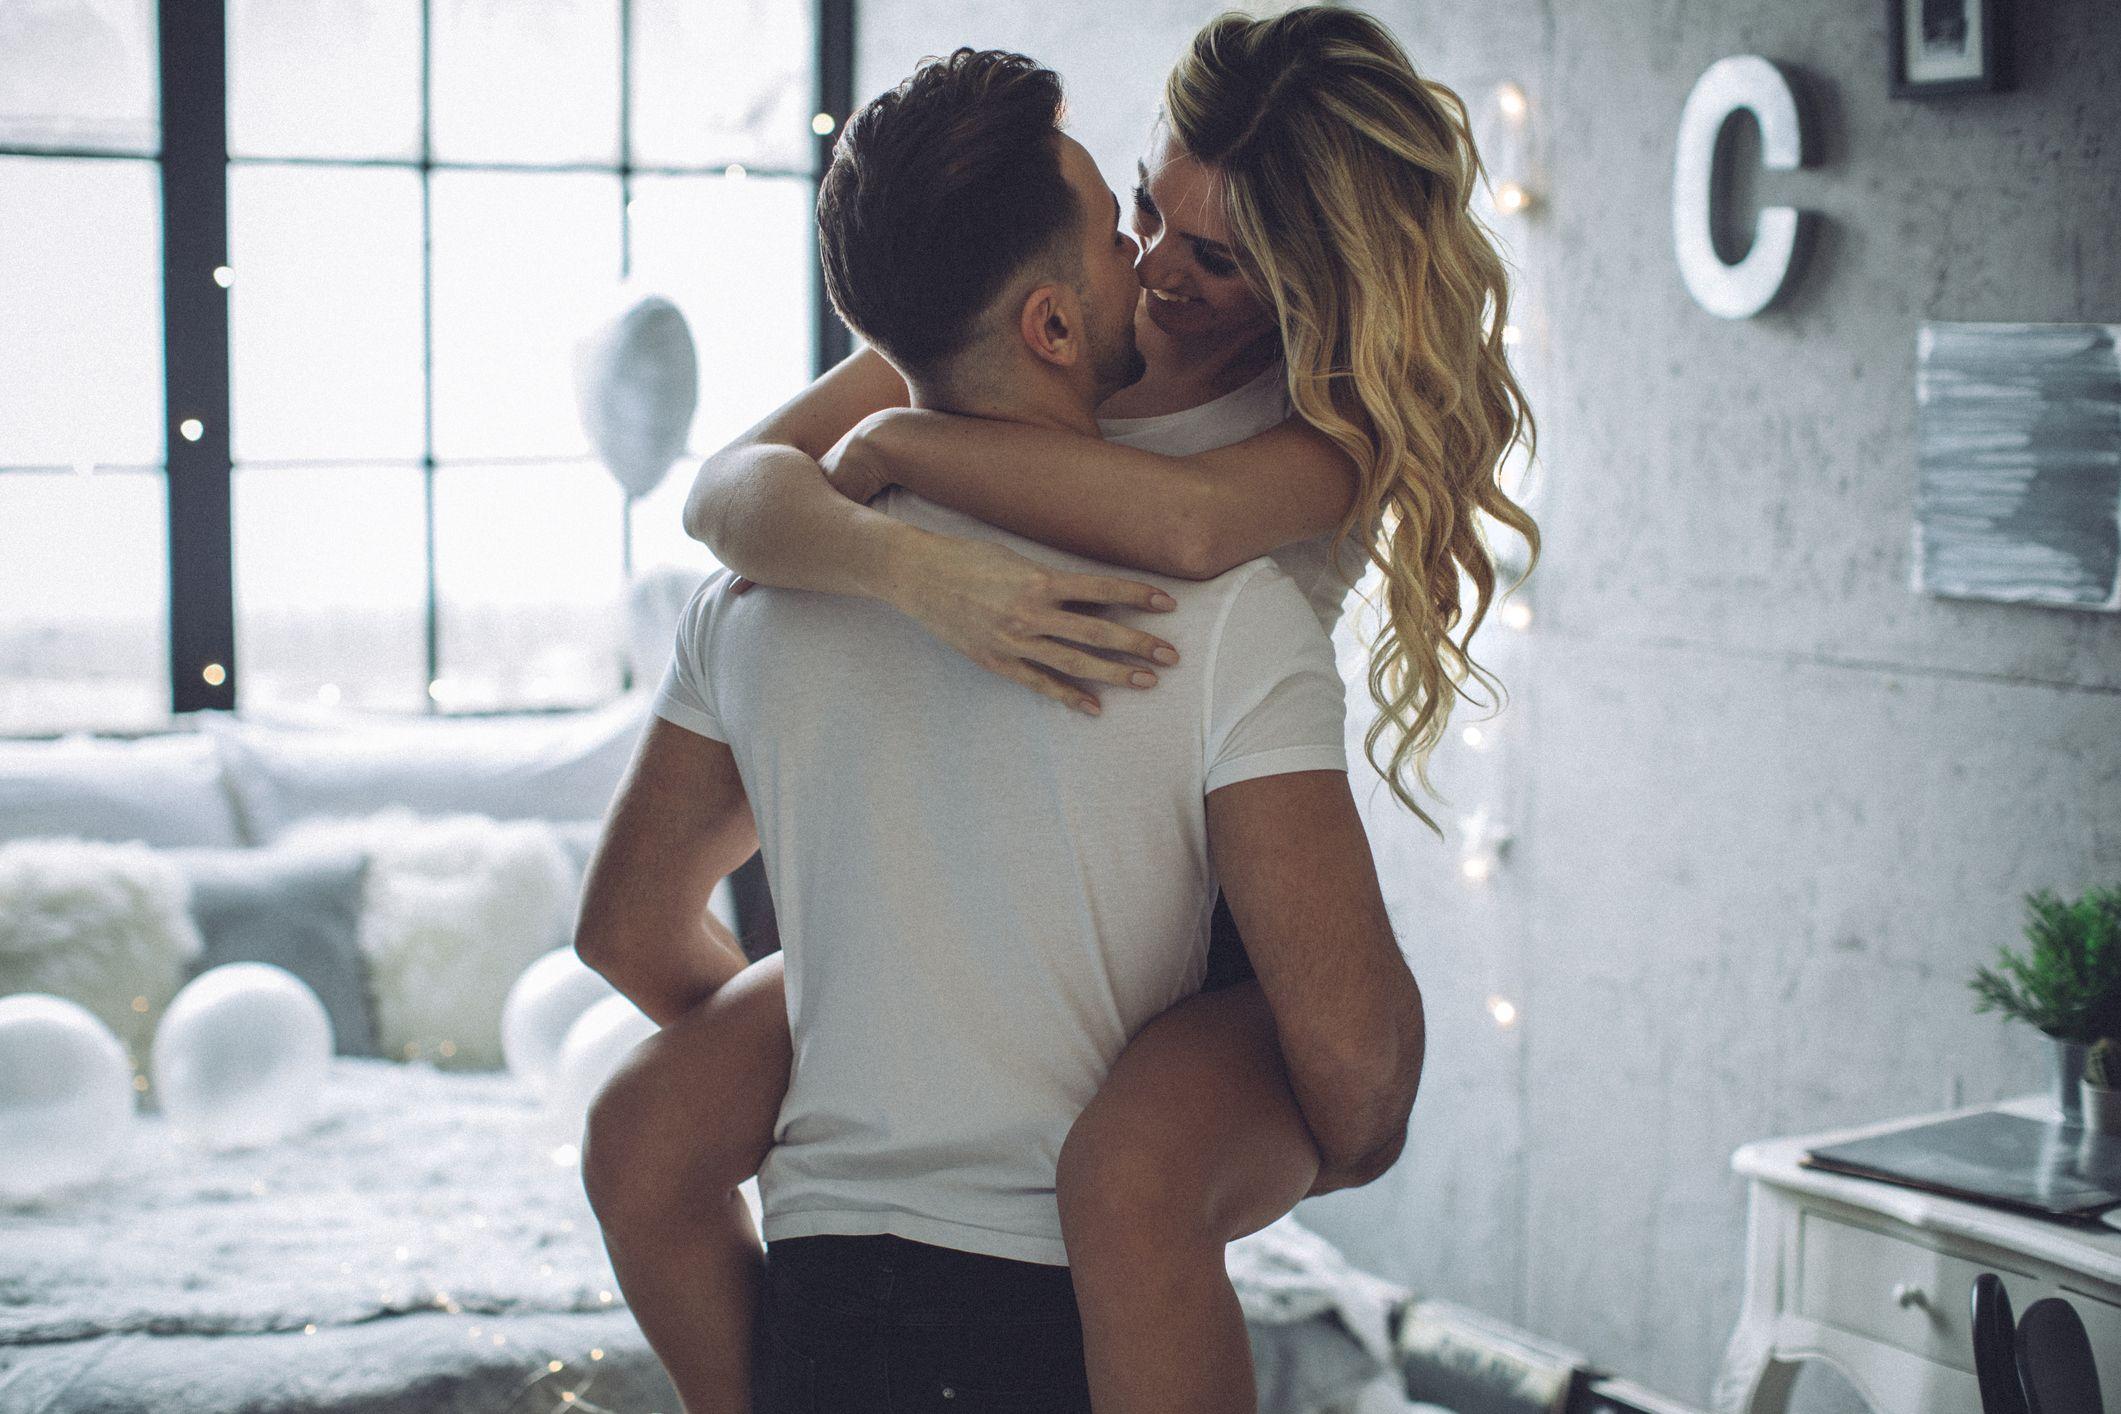 dating iemand met chronische rugpijn Wat is de dating leeftijd wet in Louisiana